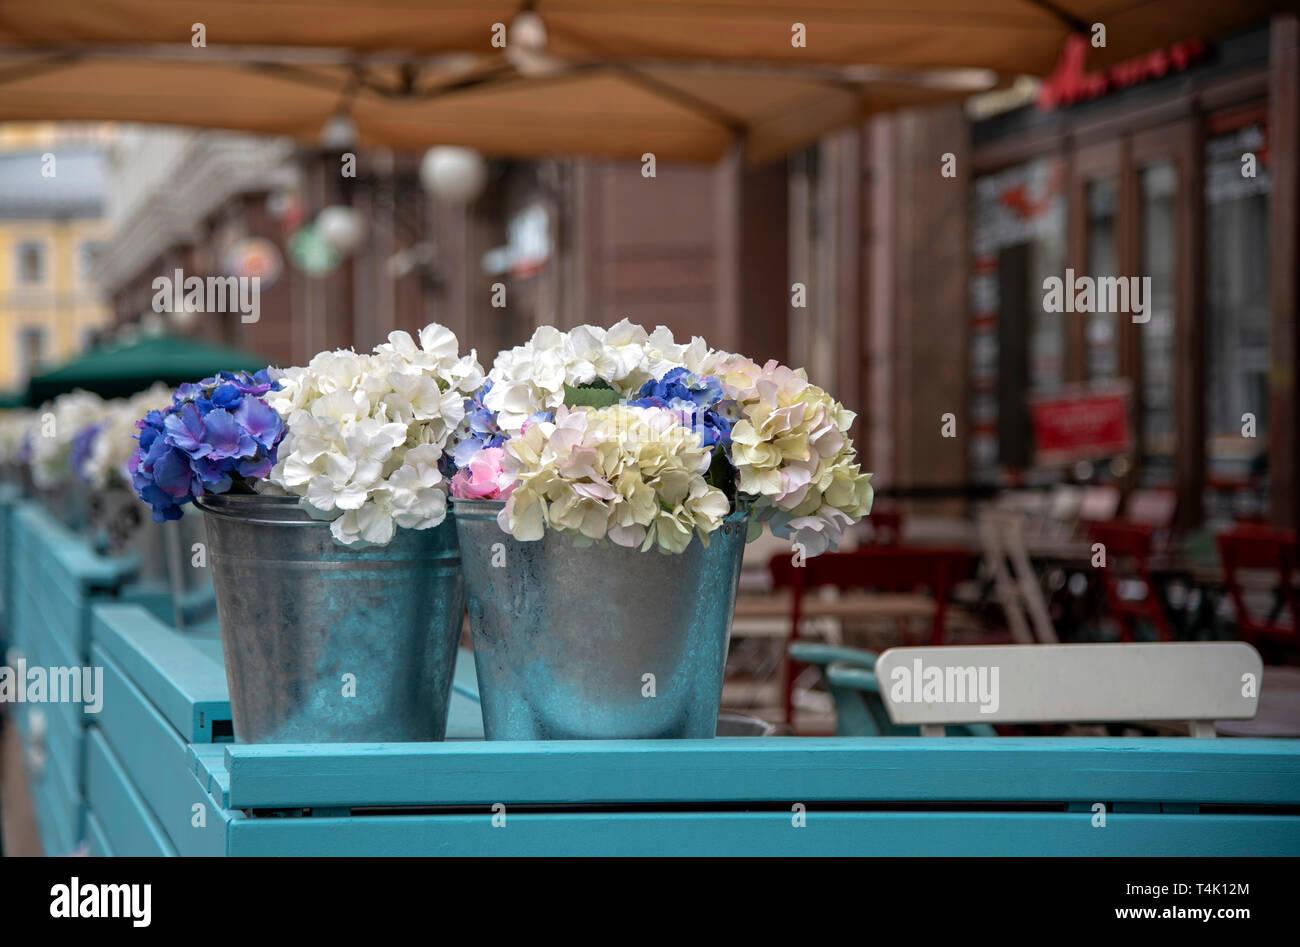 Flores Artificiales En Cubos Que Adornan La Terraza De